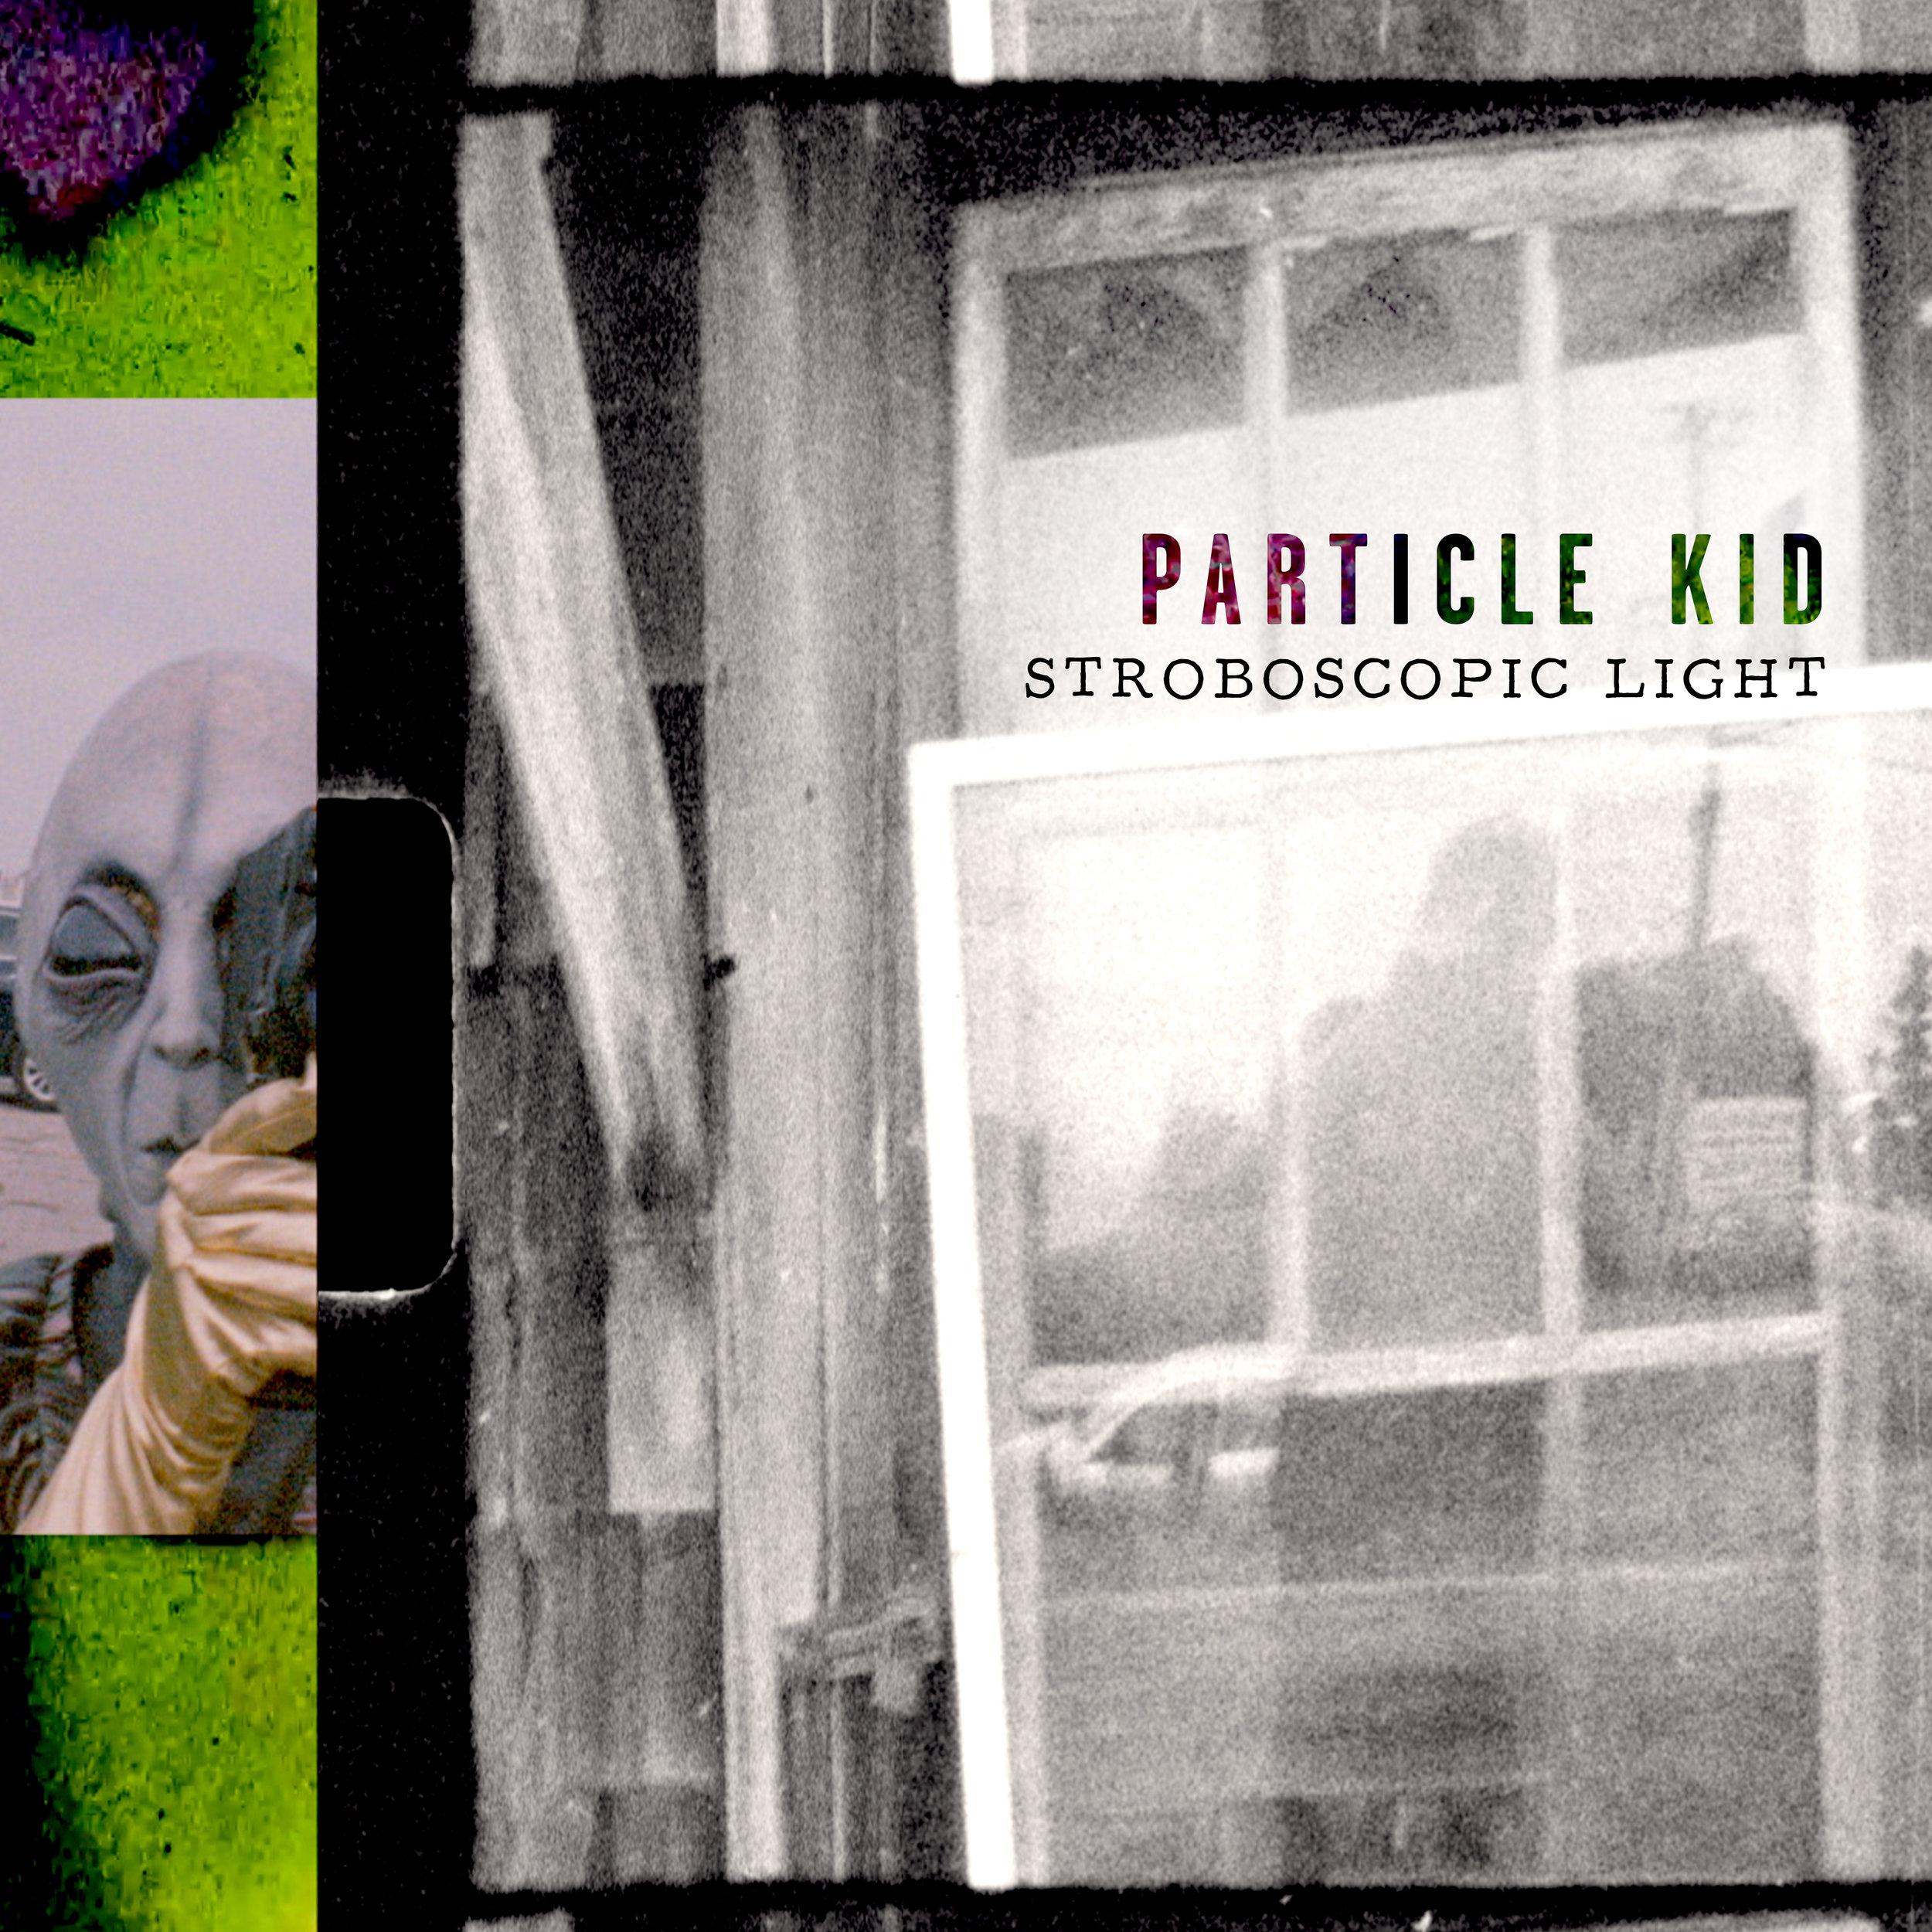 ParticleKid_StroboscopicLight_CoverArt.jpg